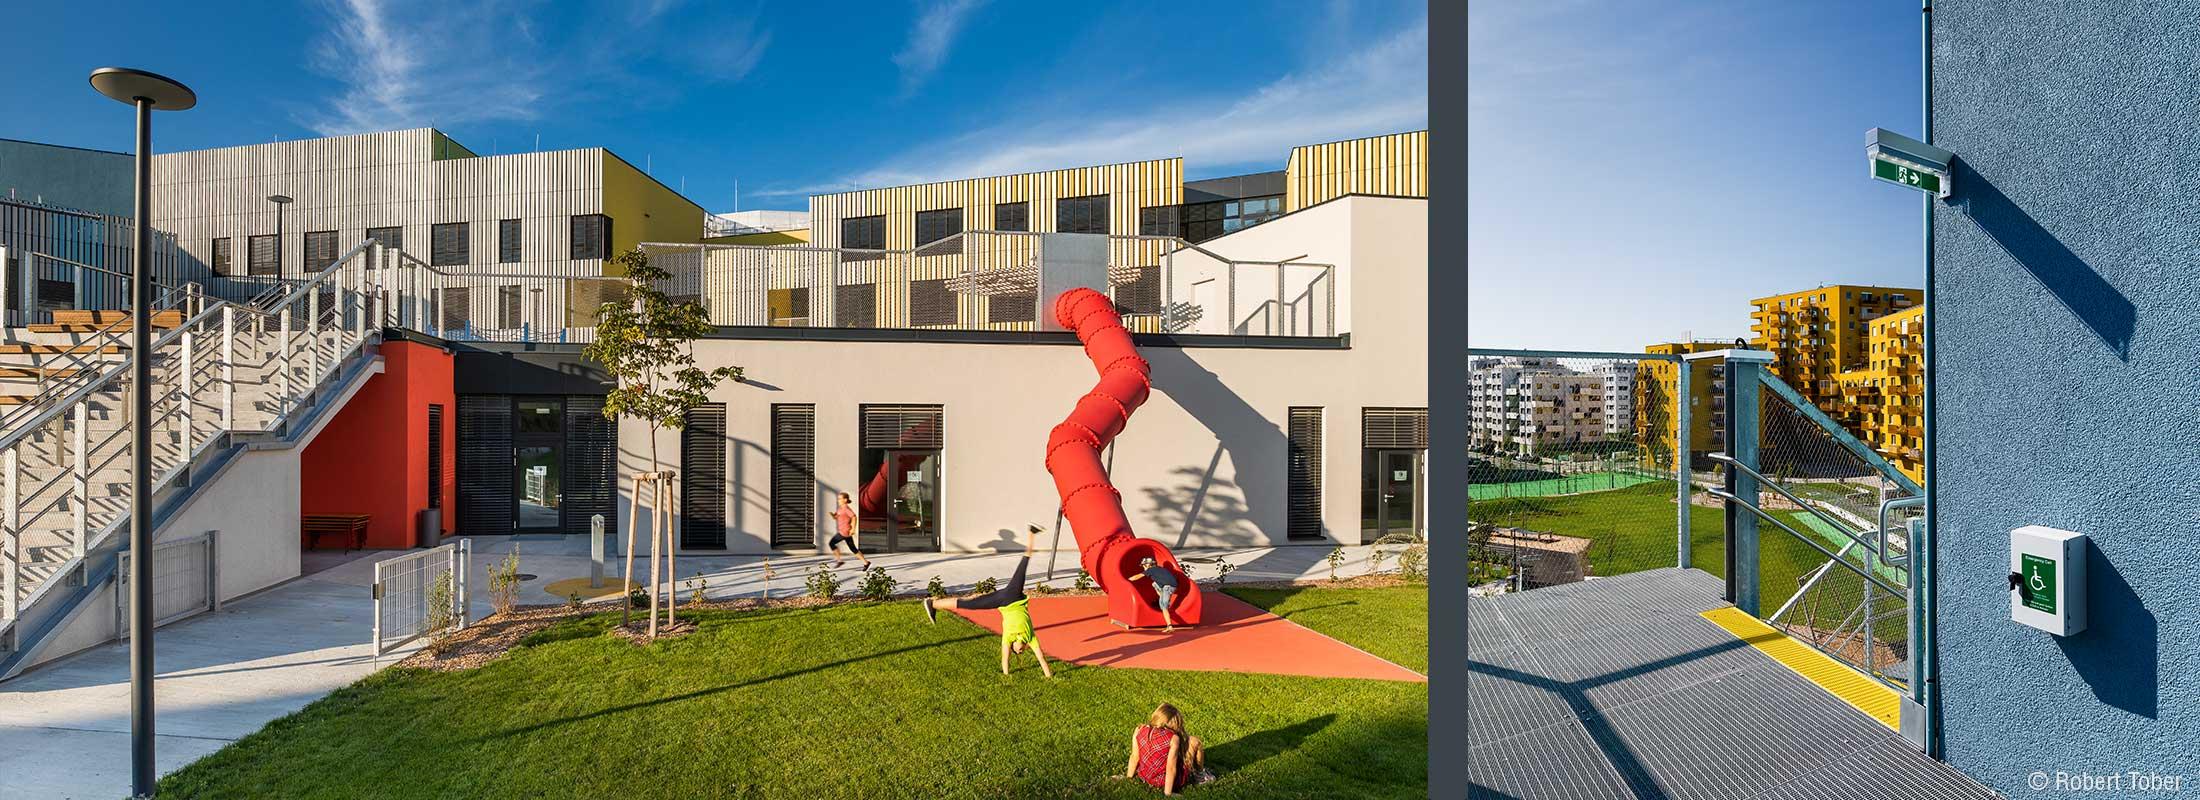 Aussenbereich mit Spielenden Kindern und einer XXL-Rutsche. Fluchtweg über eine Aussentreppe. Christine Nöstlinger Campus Wien. © Robert Tober